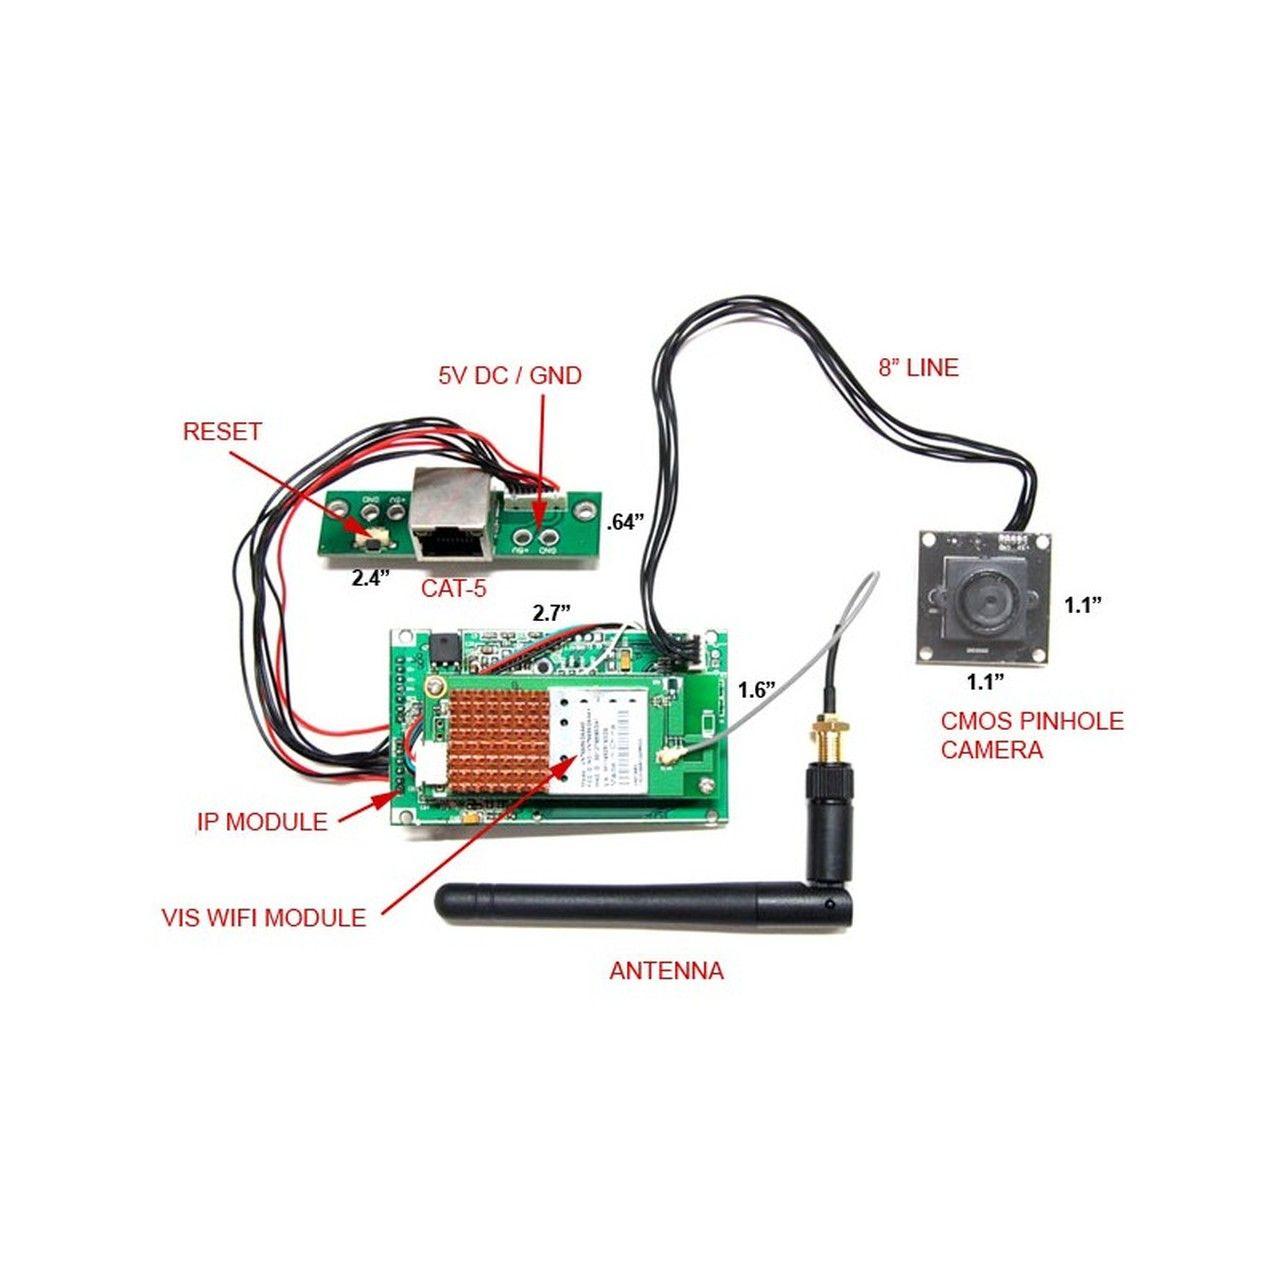 Diy 4k hidden camera w dvr wifi remote streaming kit